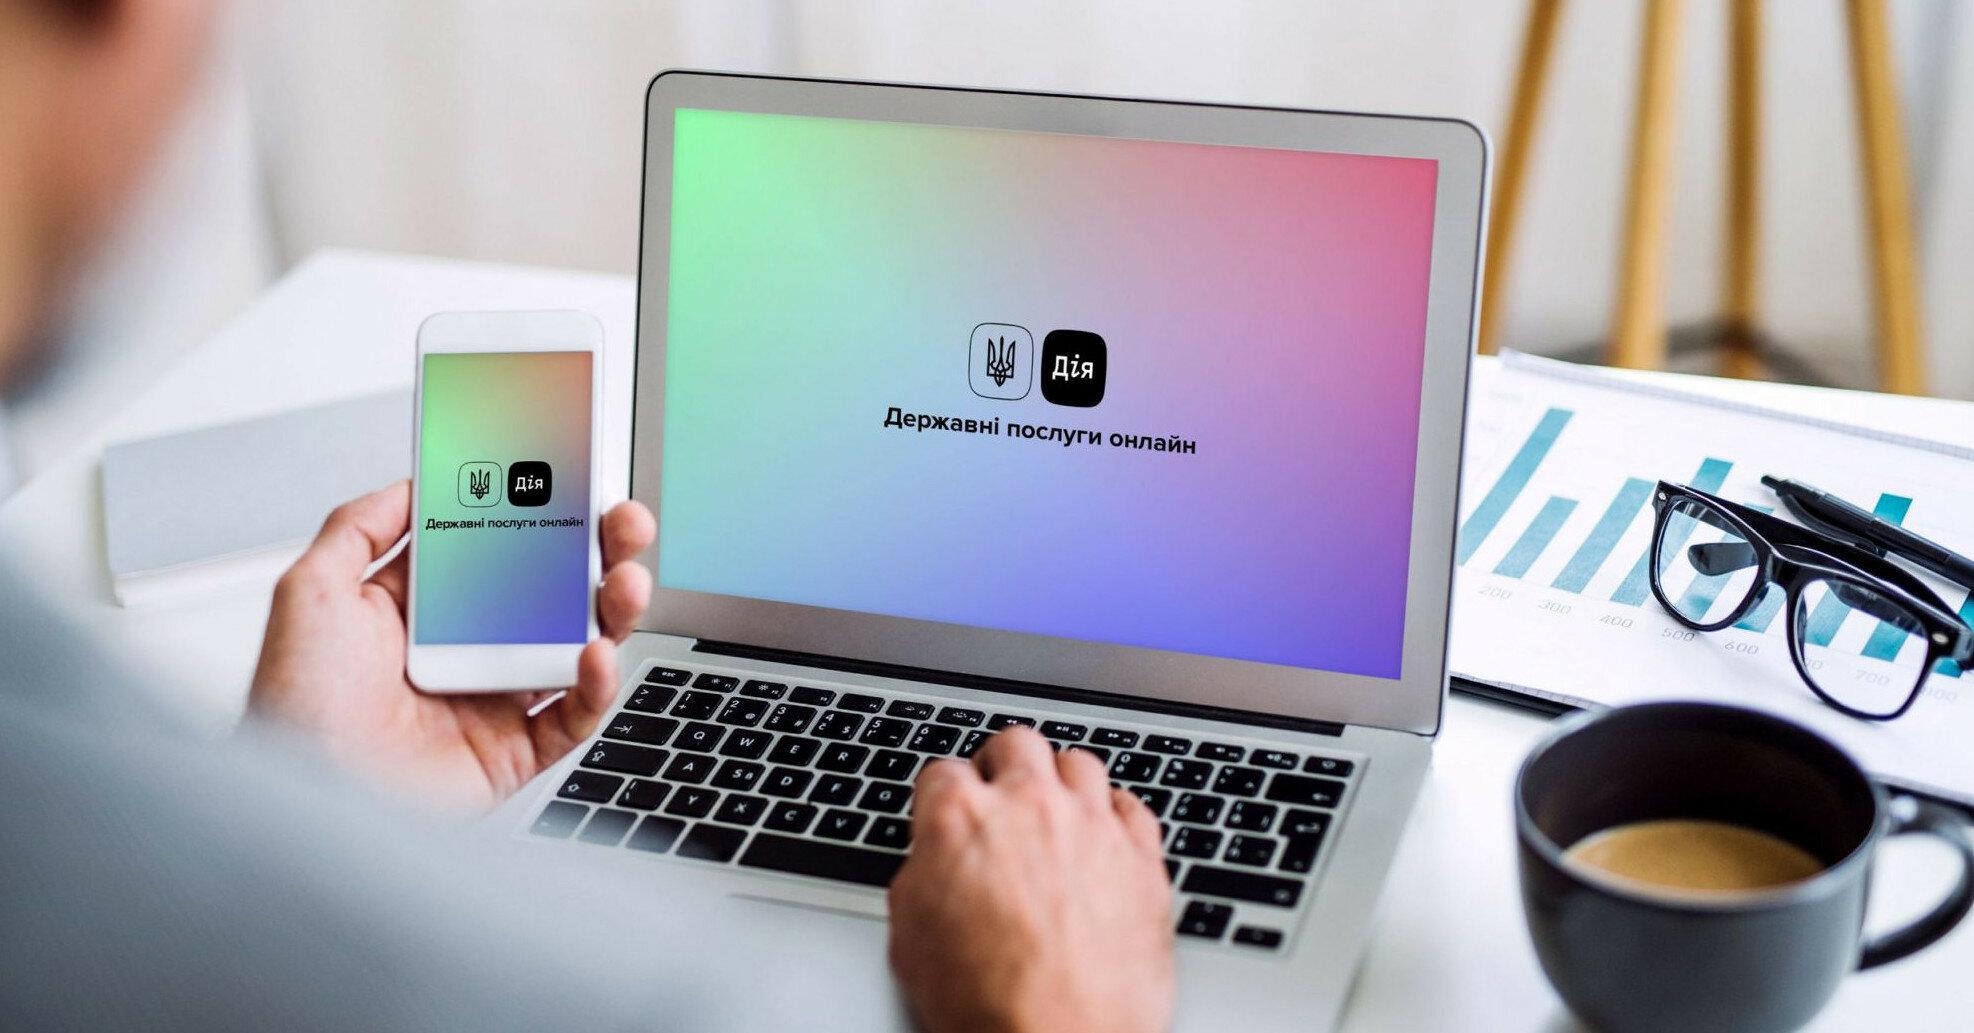 """Цифровой паспорт в """"Дії"""": как получить ID-карту"""